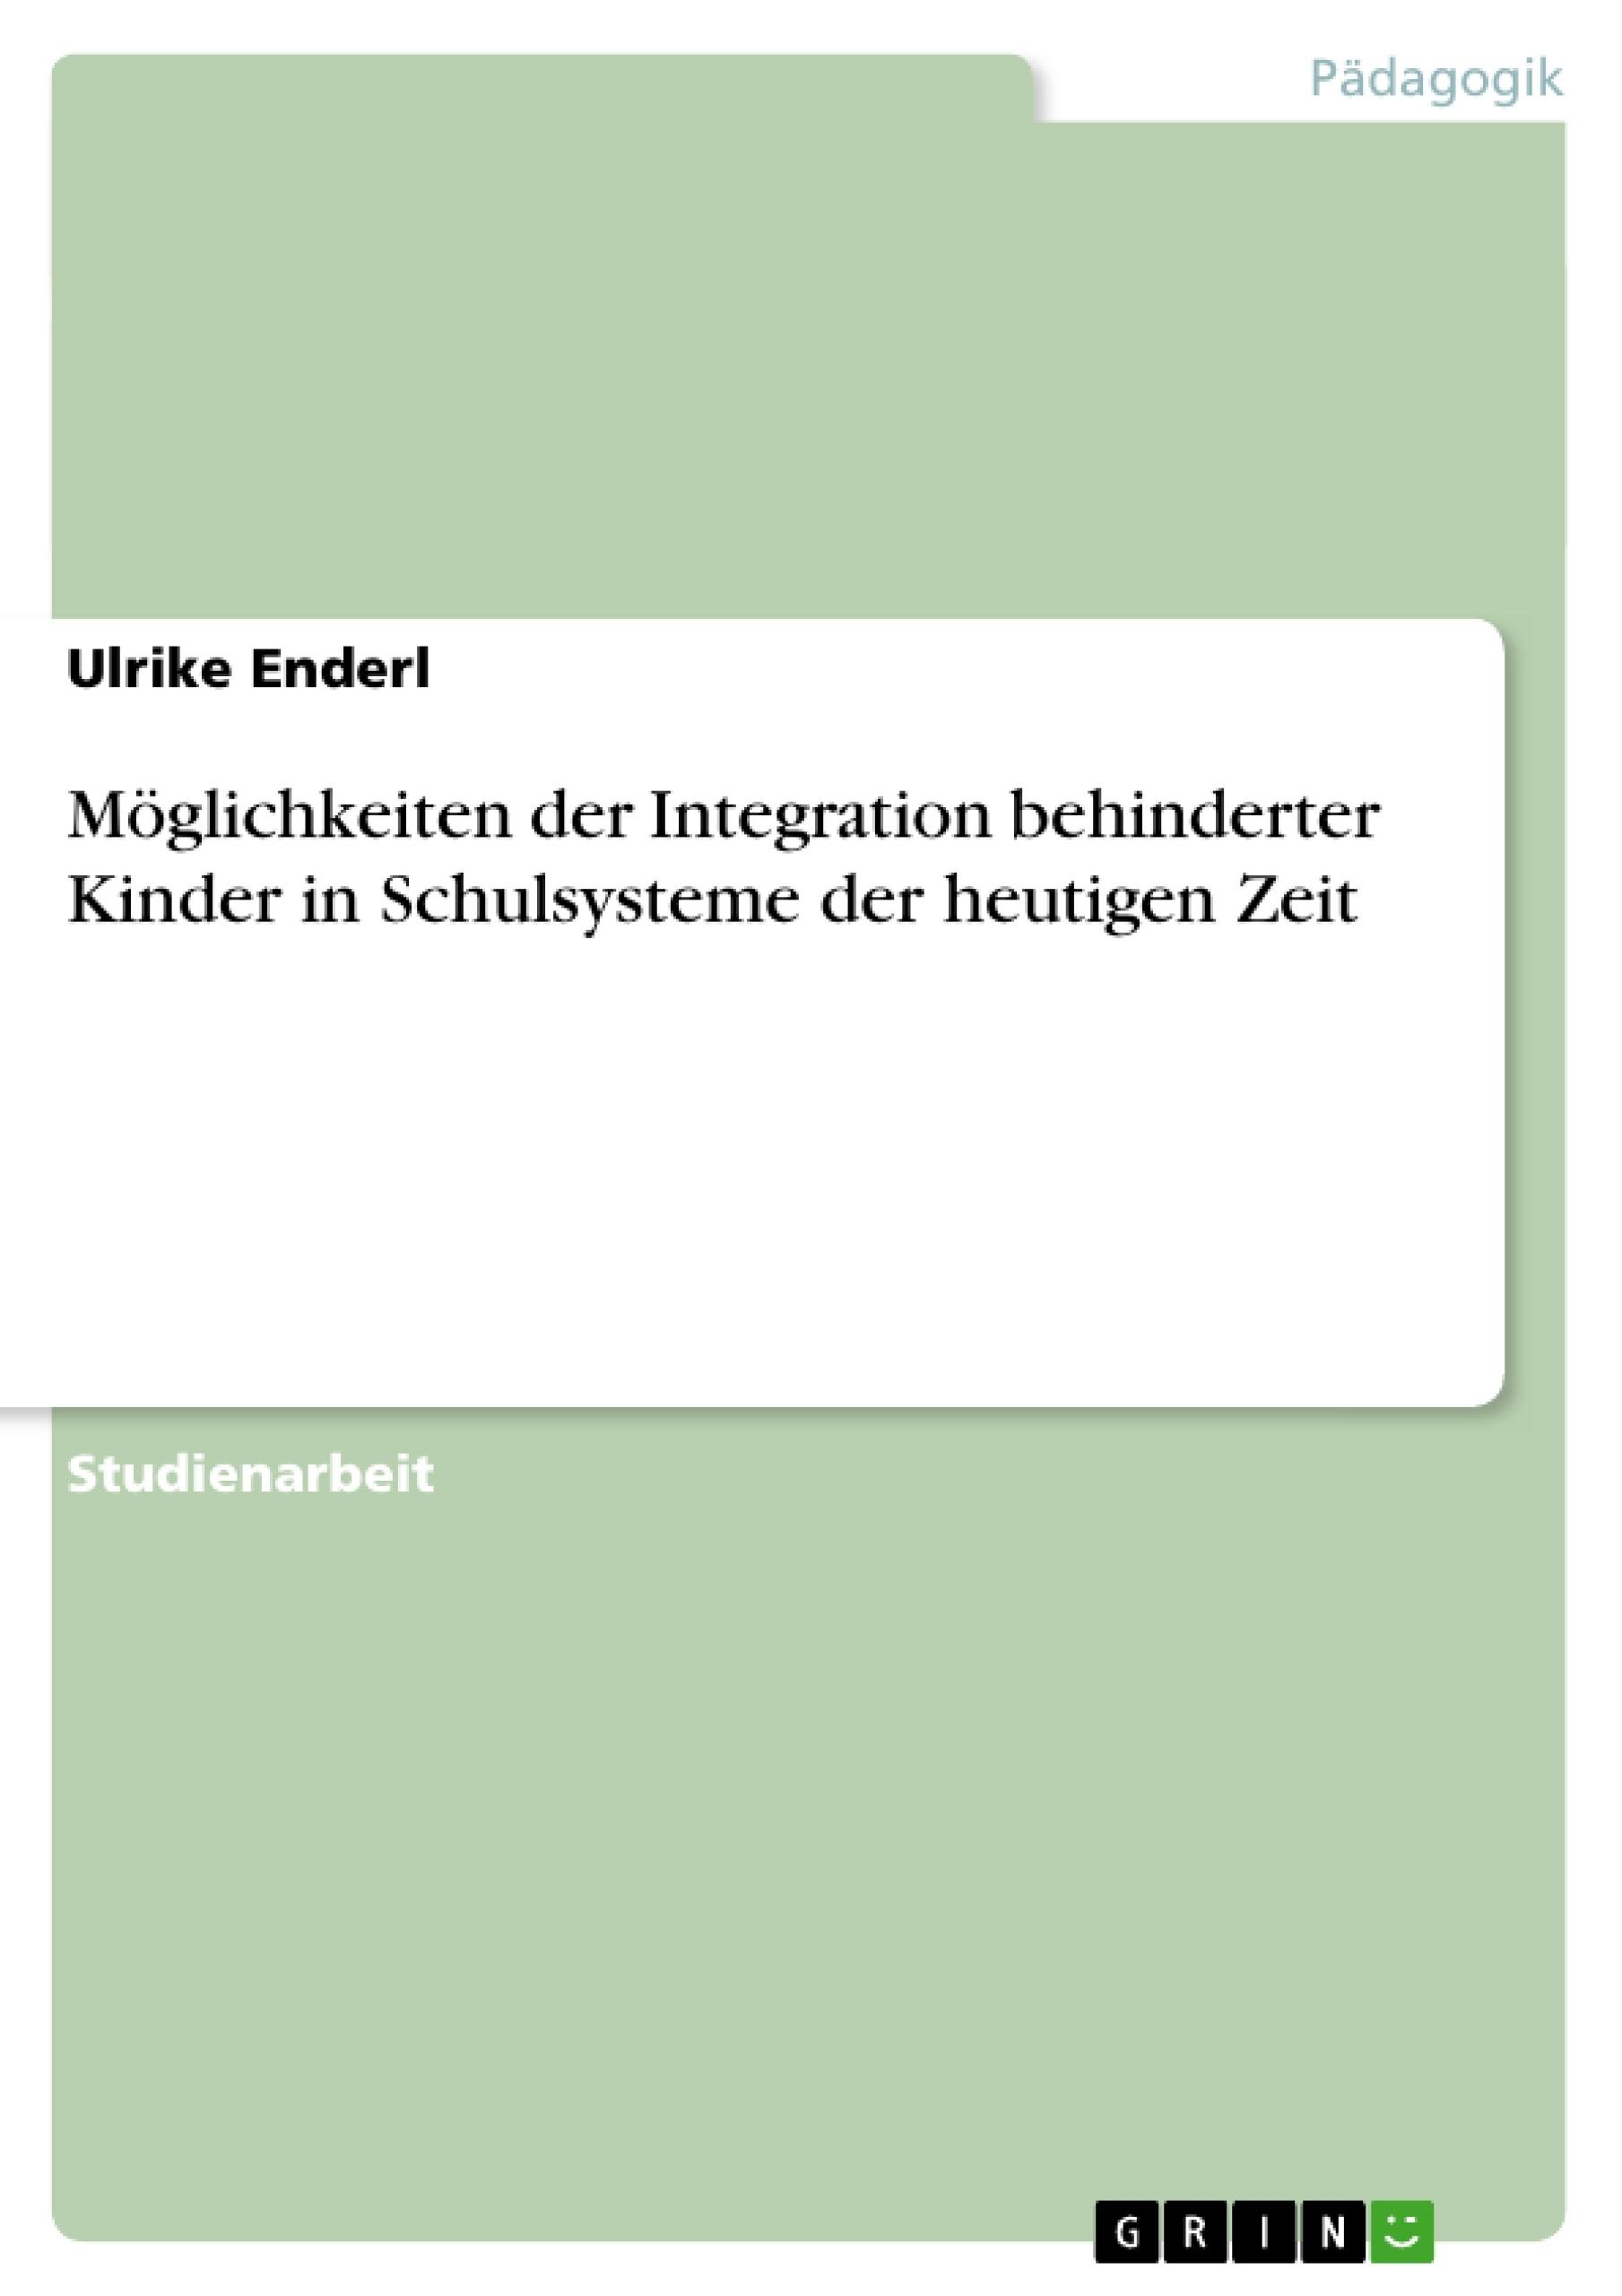 Titel: Möglichkeiten der Integration behinderter Kinder in Schulsysteme der heutigen Zeit